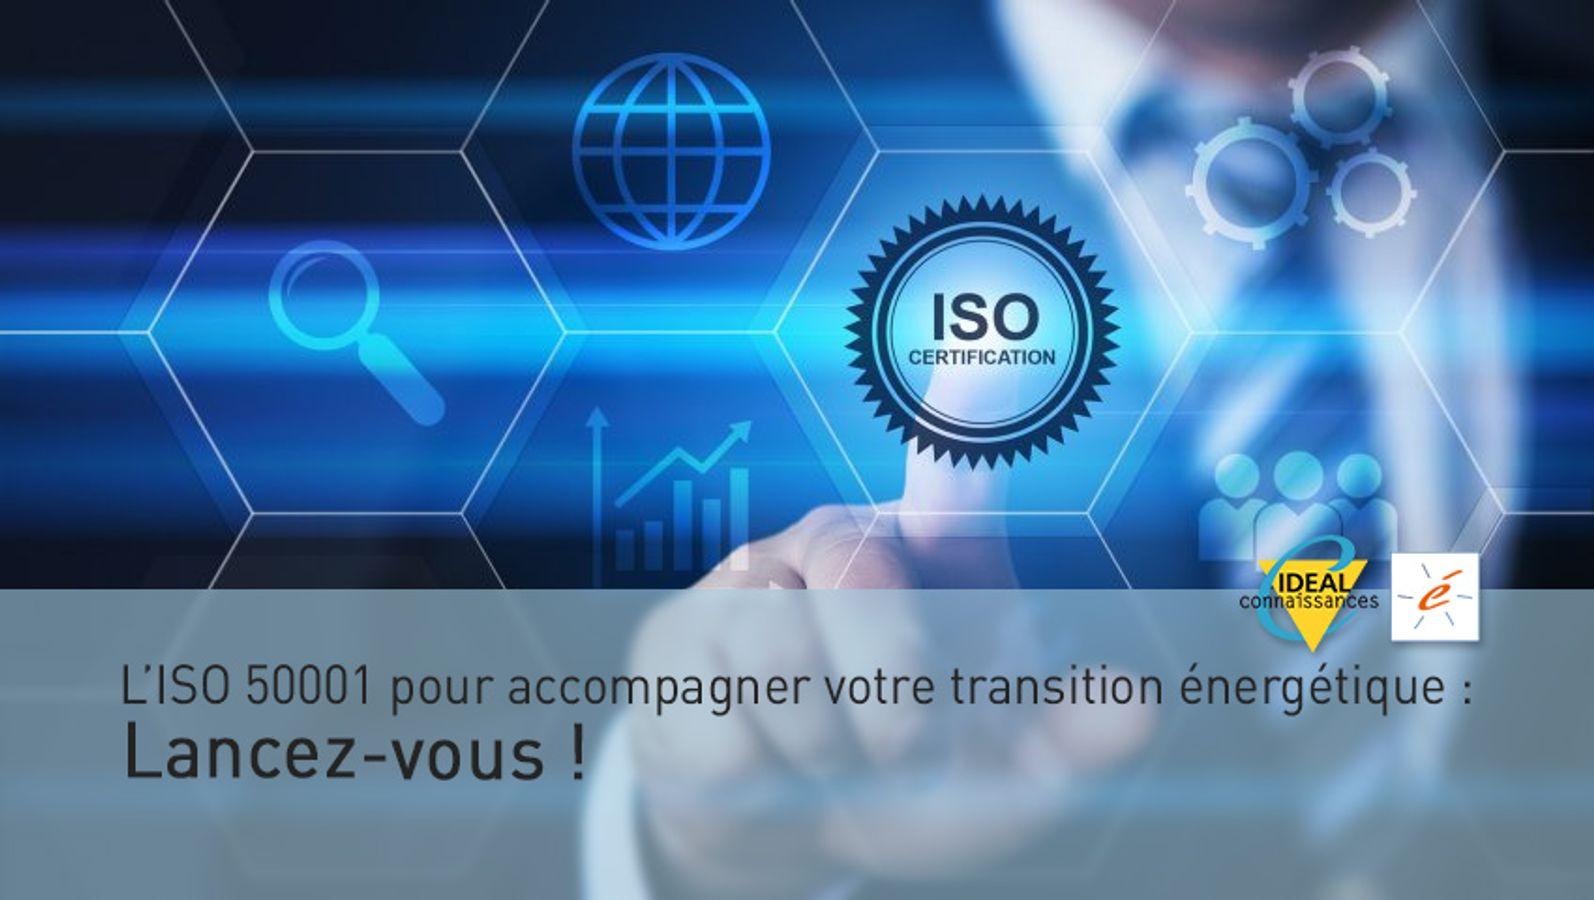 L'ISO 50001 pour accompagner votre transition énergétique : Lancez-vous !